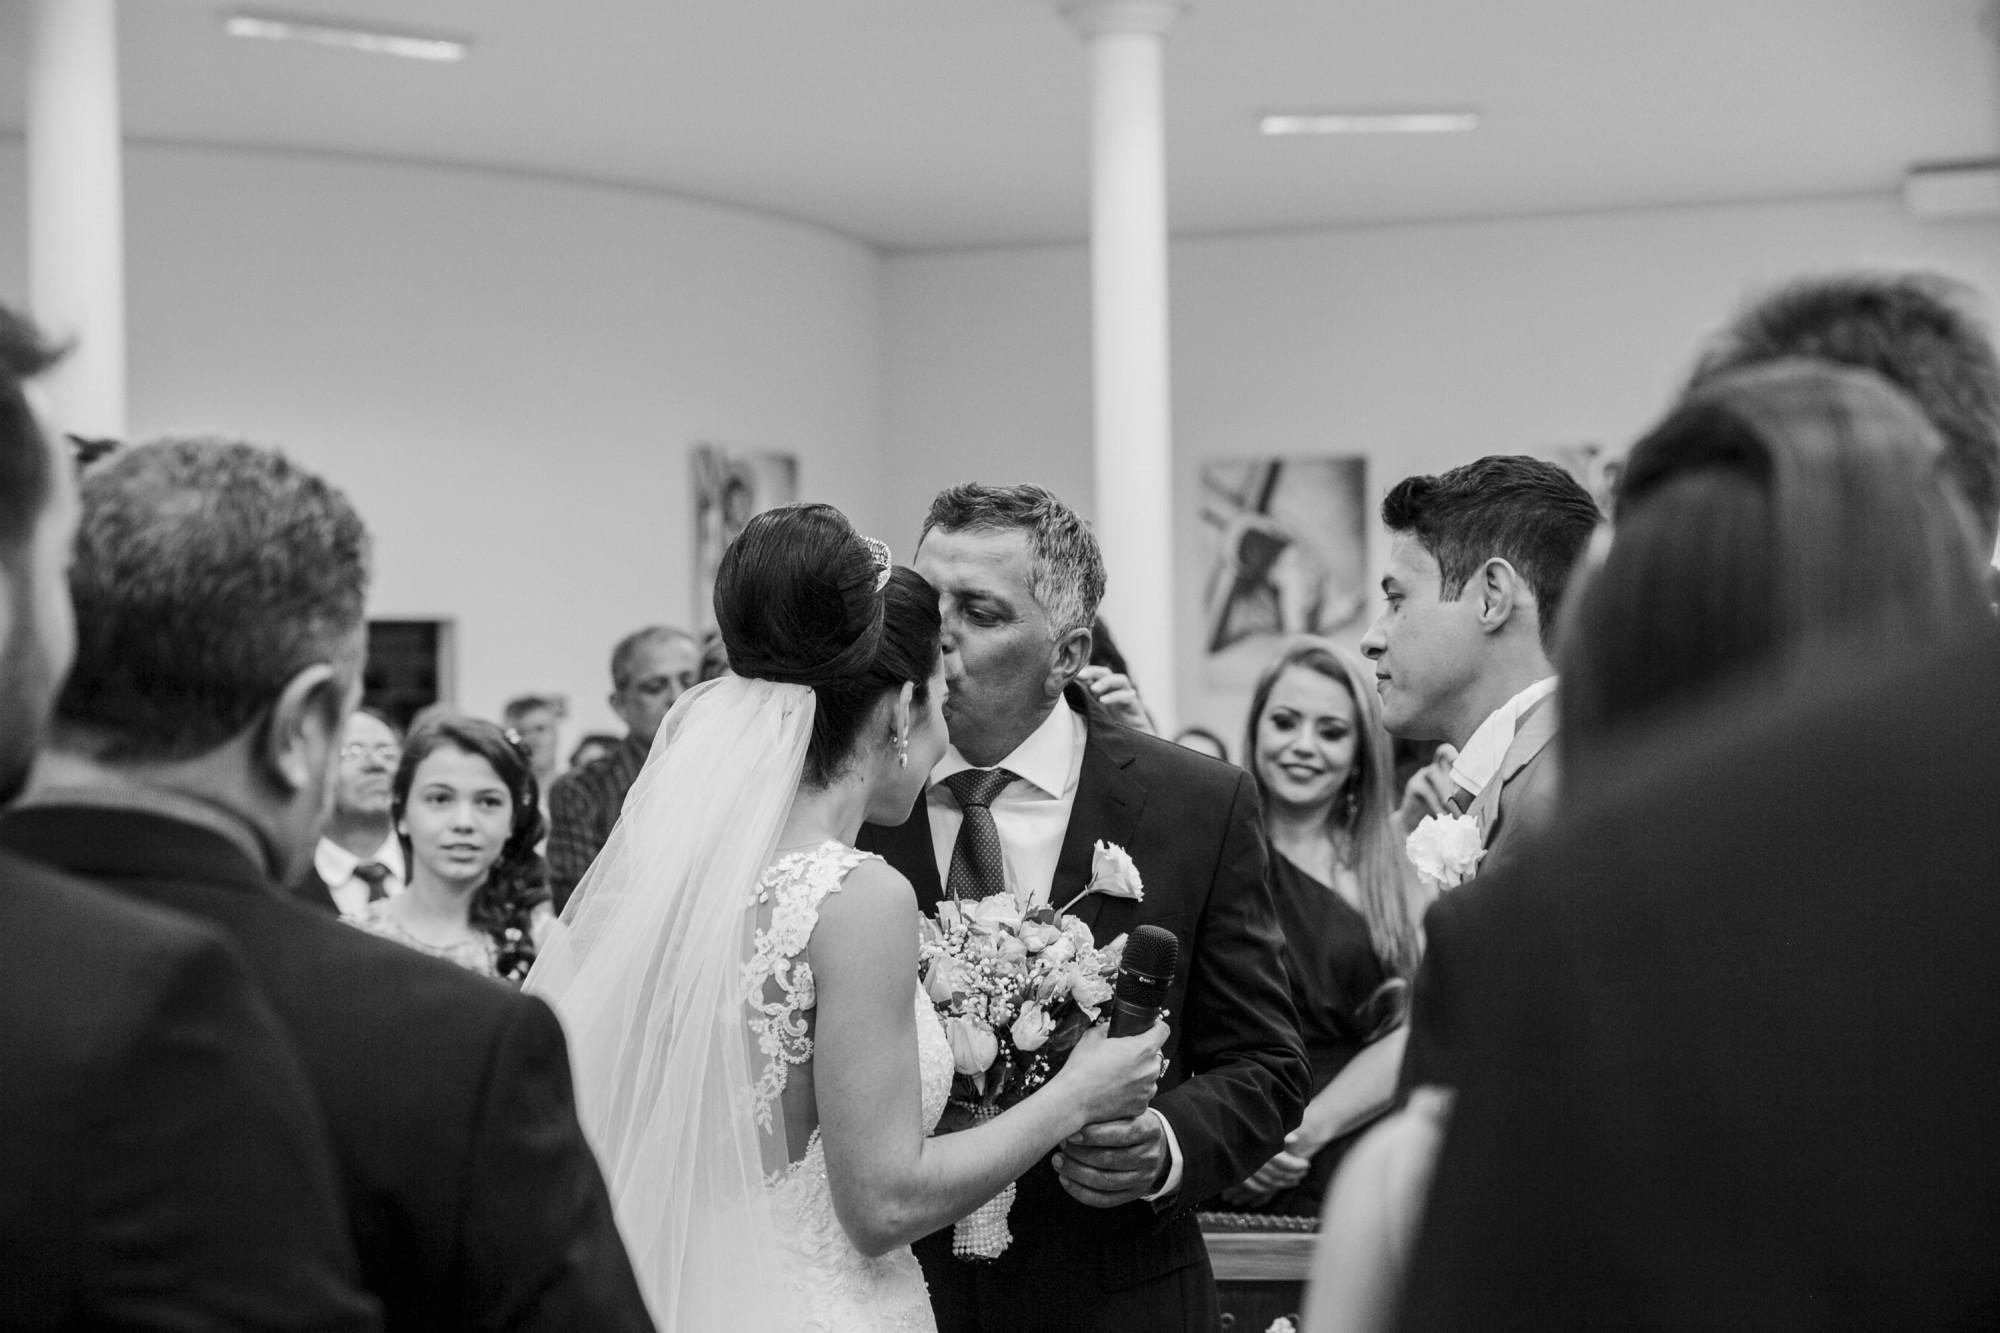 Casamento Camila Rampim e Rafael em Terra Roxa - Paraná - por Lorran Souza e Léia Sotile - fotografos de casamentos - 25